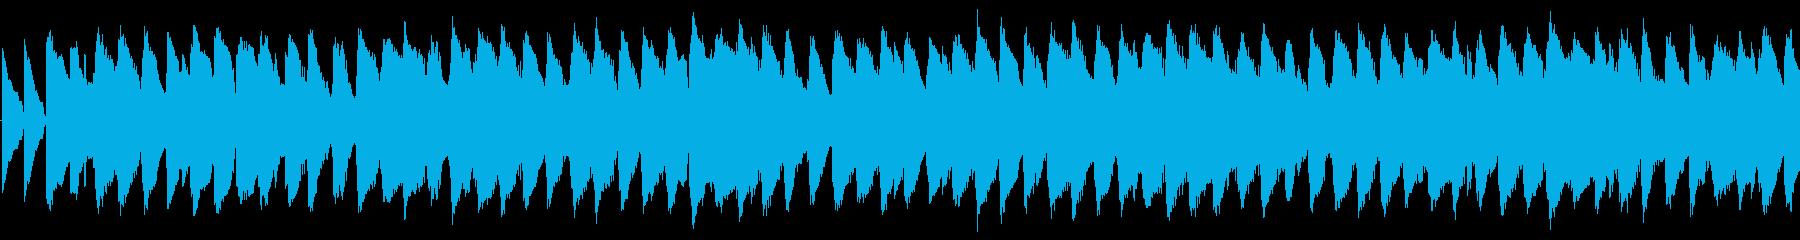 マンドリンとアコースティックギター...の再生済みの波形